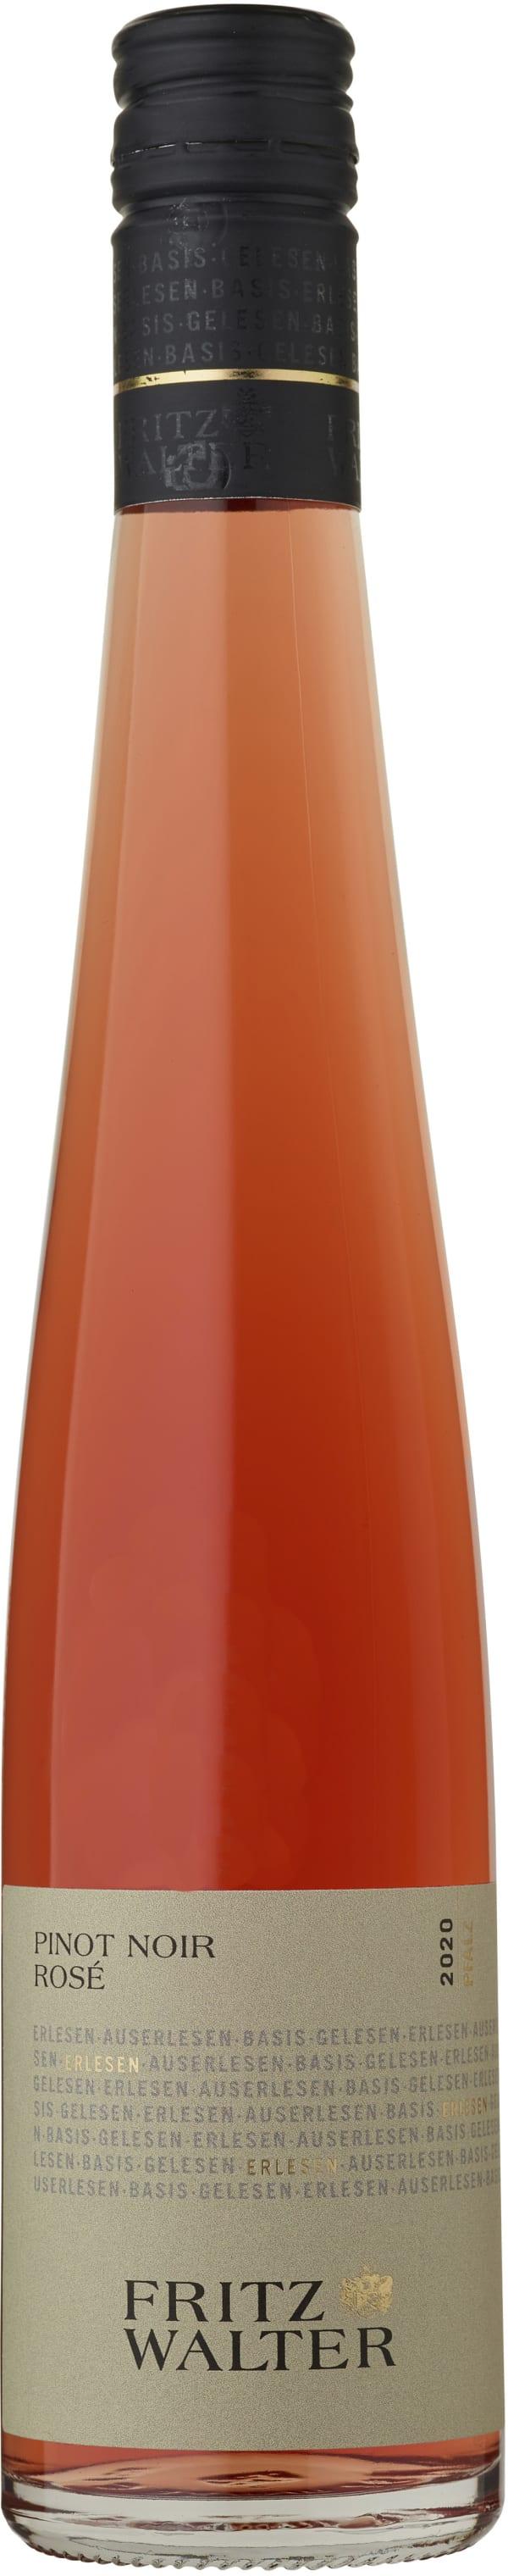 Fritz Walter Pinot Noir Rosé 2018